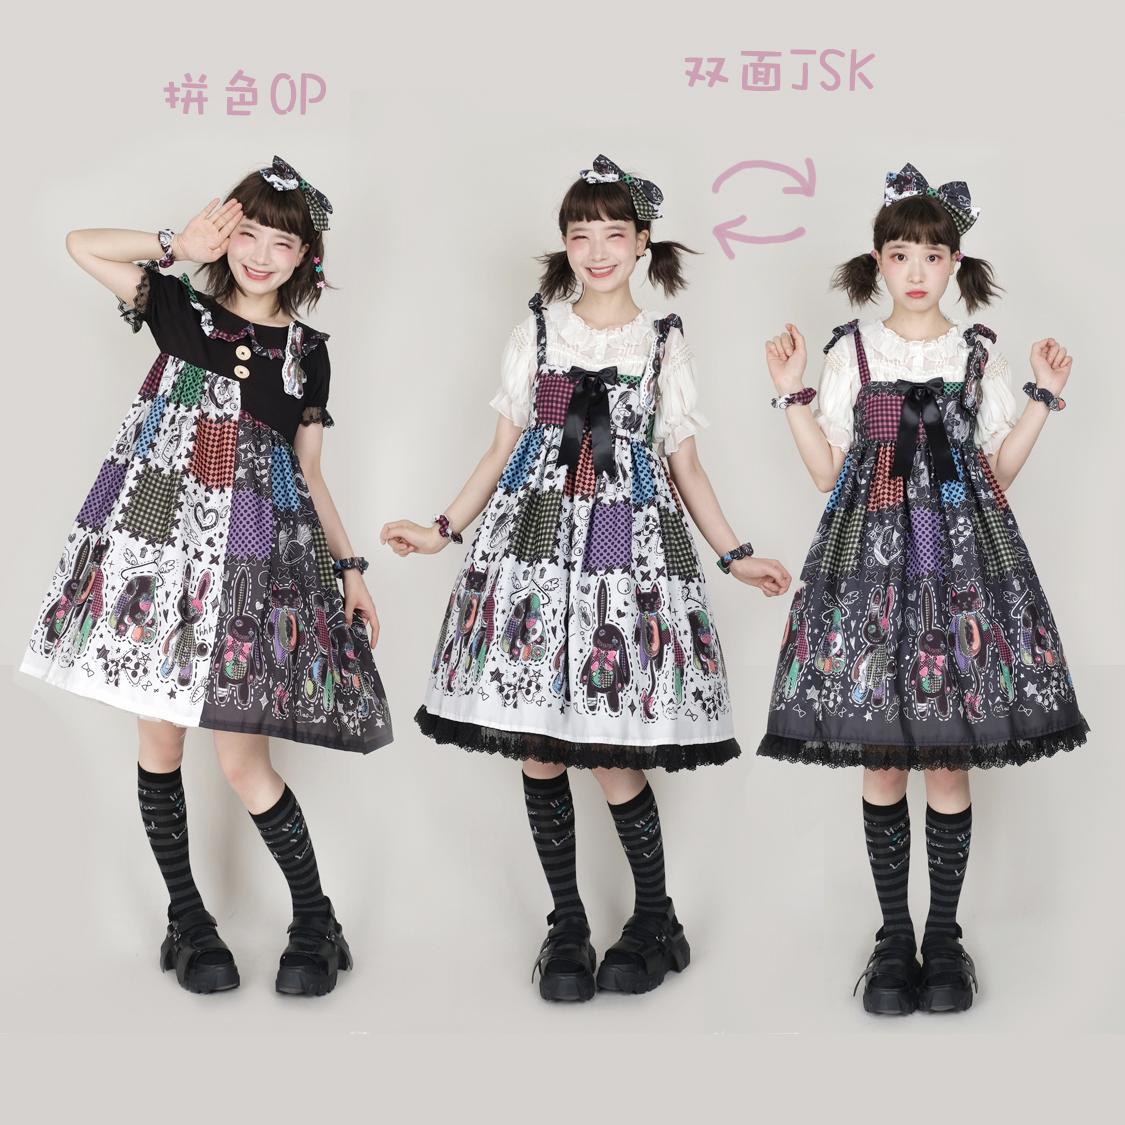 【尾款】8月31日出货 拼接玩偶双面JSK拼色OP朋克街原创轻lo裙